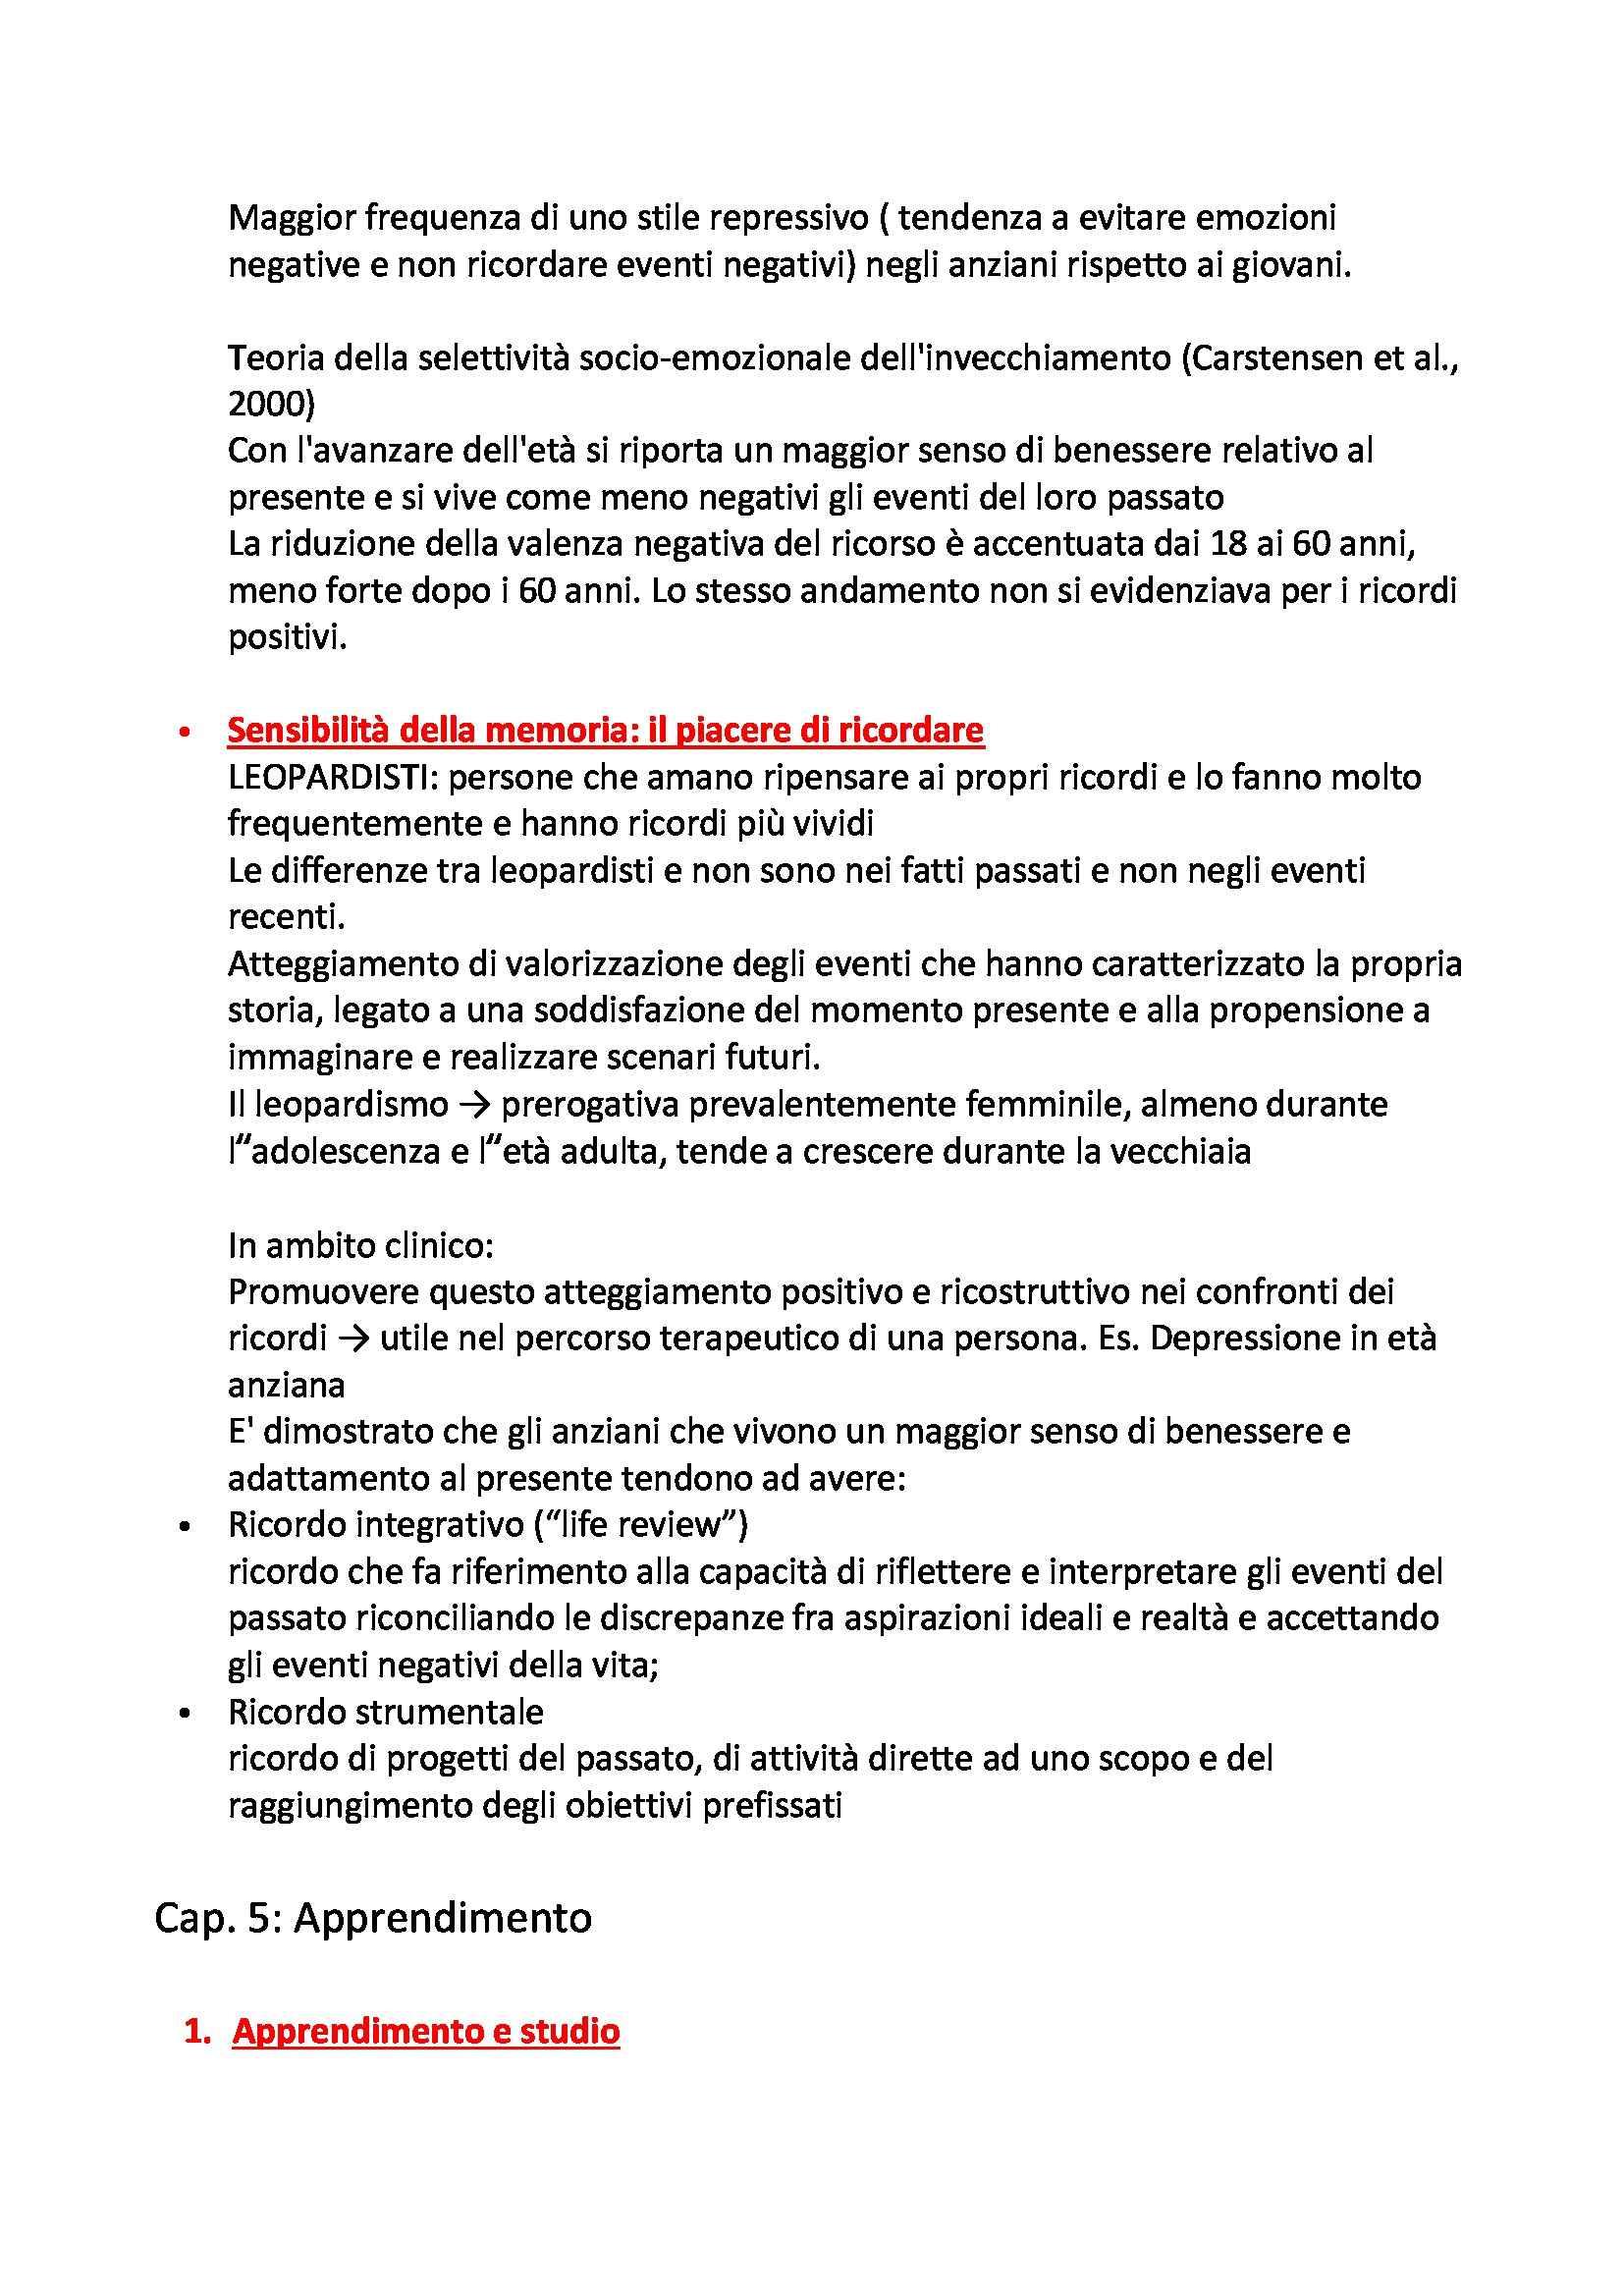 Riassunto esame Psicologia della Personalità e delle Differenze Individuali, prof. Carretti Pag. 26